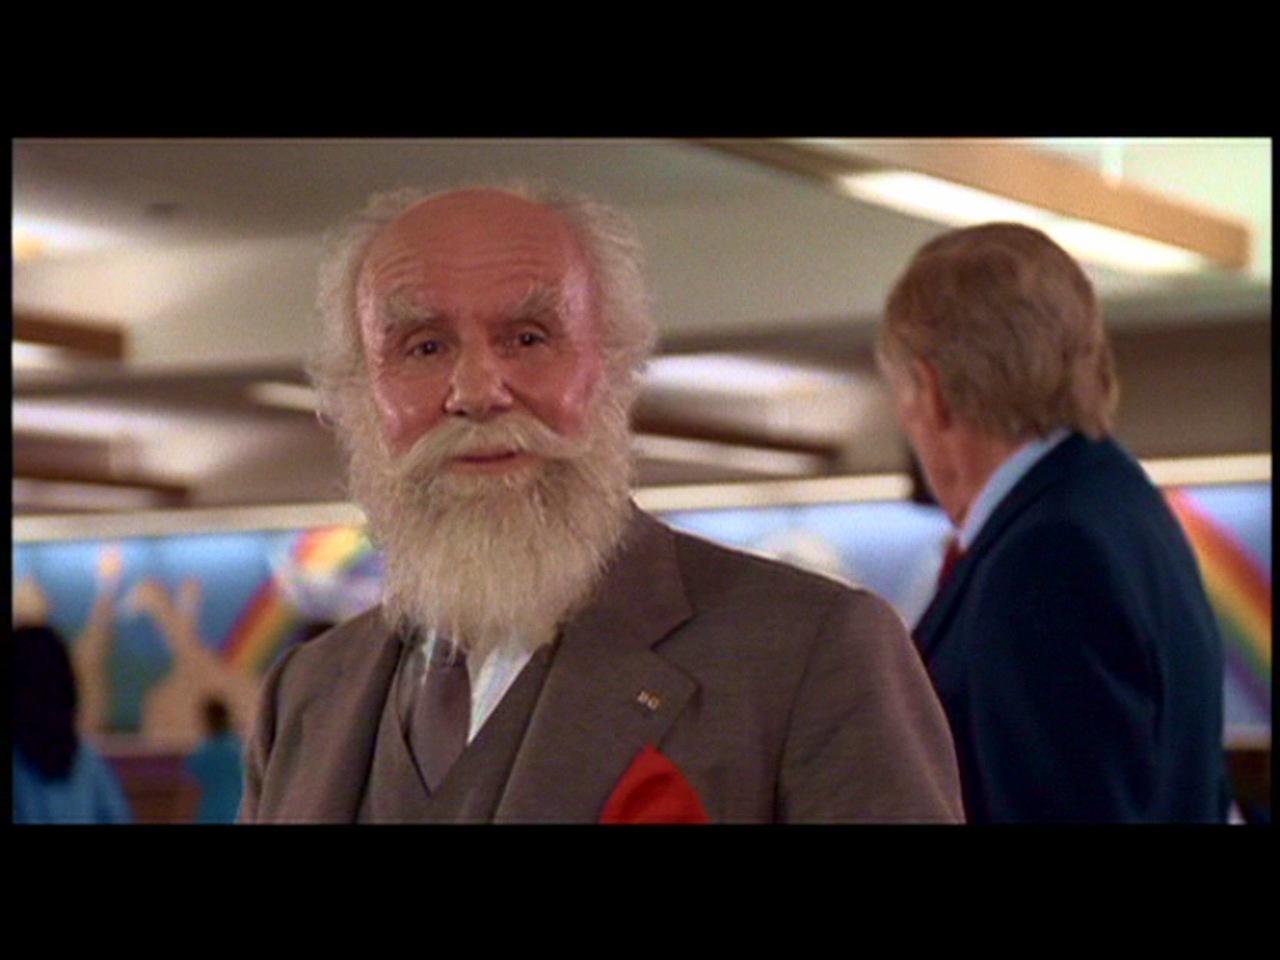 Ernest Saves Christmas Noelle Parker.Shameless Pile Of Stuff Movie Review Ernest Saves Christmas